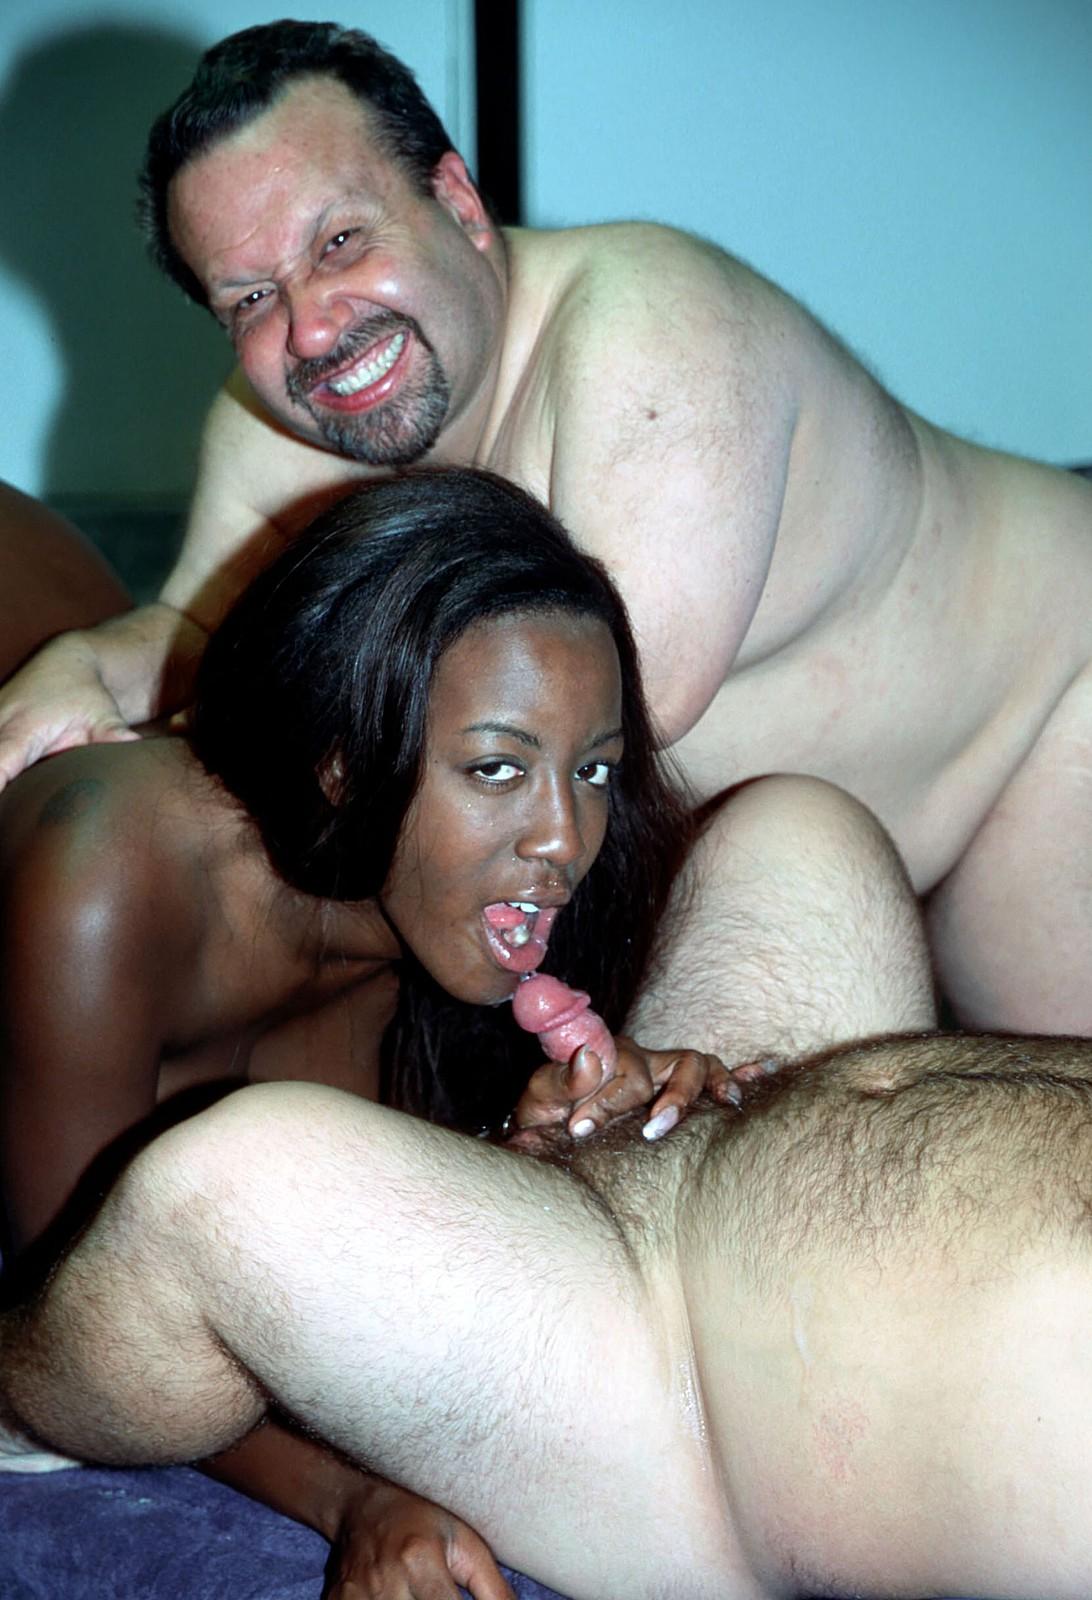 Ebony midget, dwarf xxx